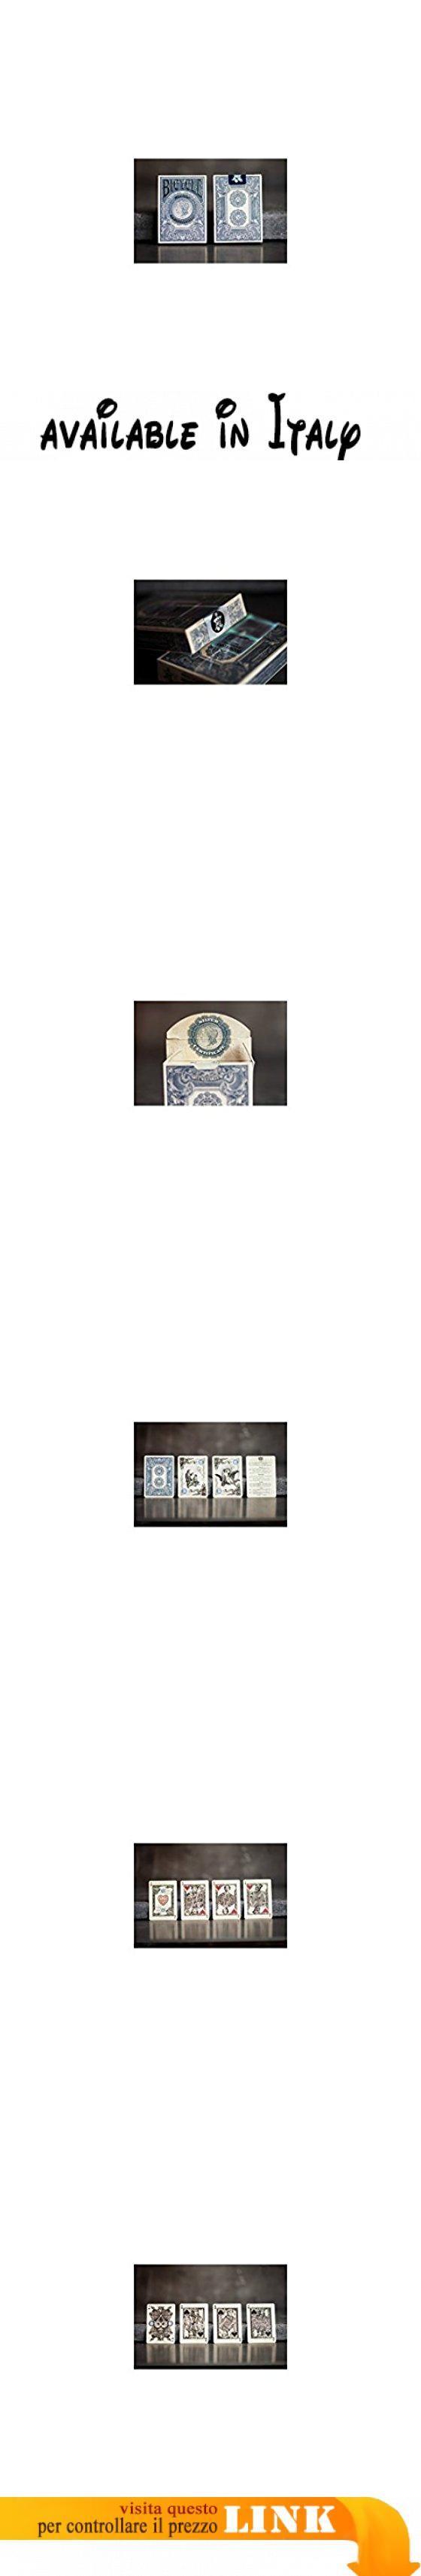 US Playing Card Co. - Baraja bicycle silver certificate edición limitada por gambler.  #Giocattolo #TOYS_AND_GAMES